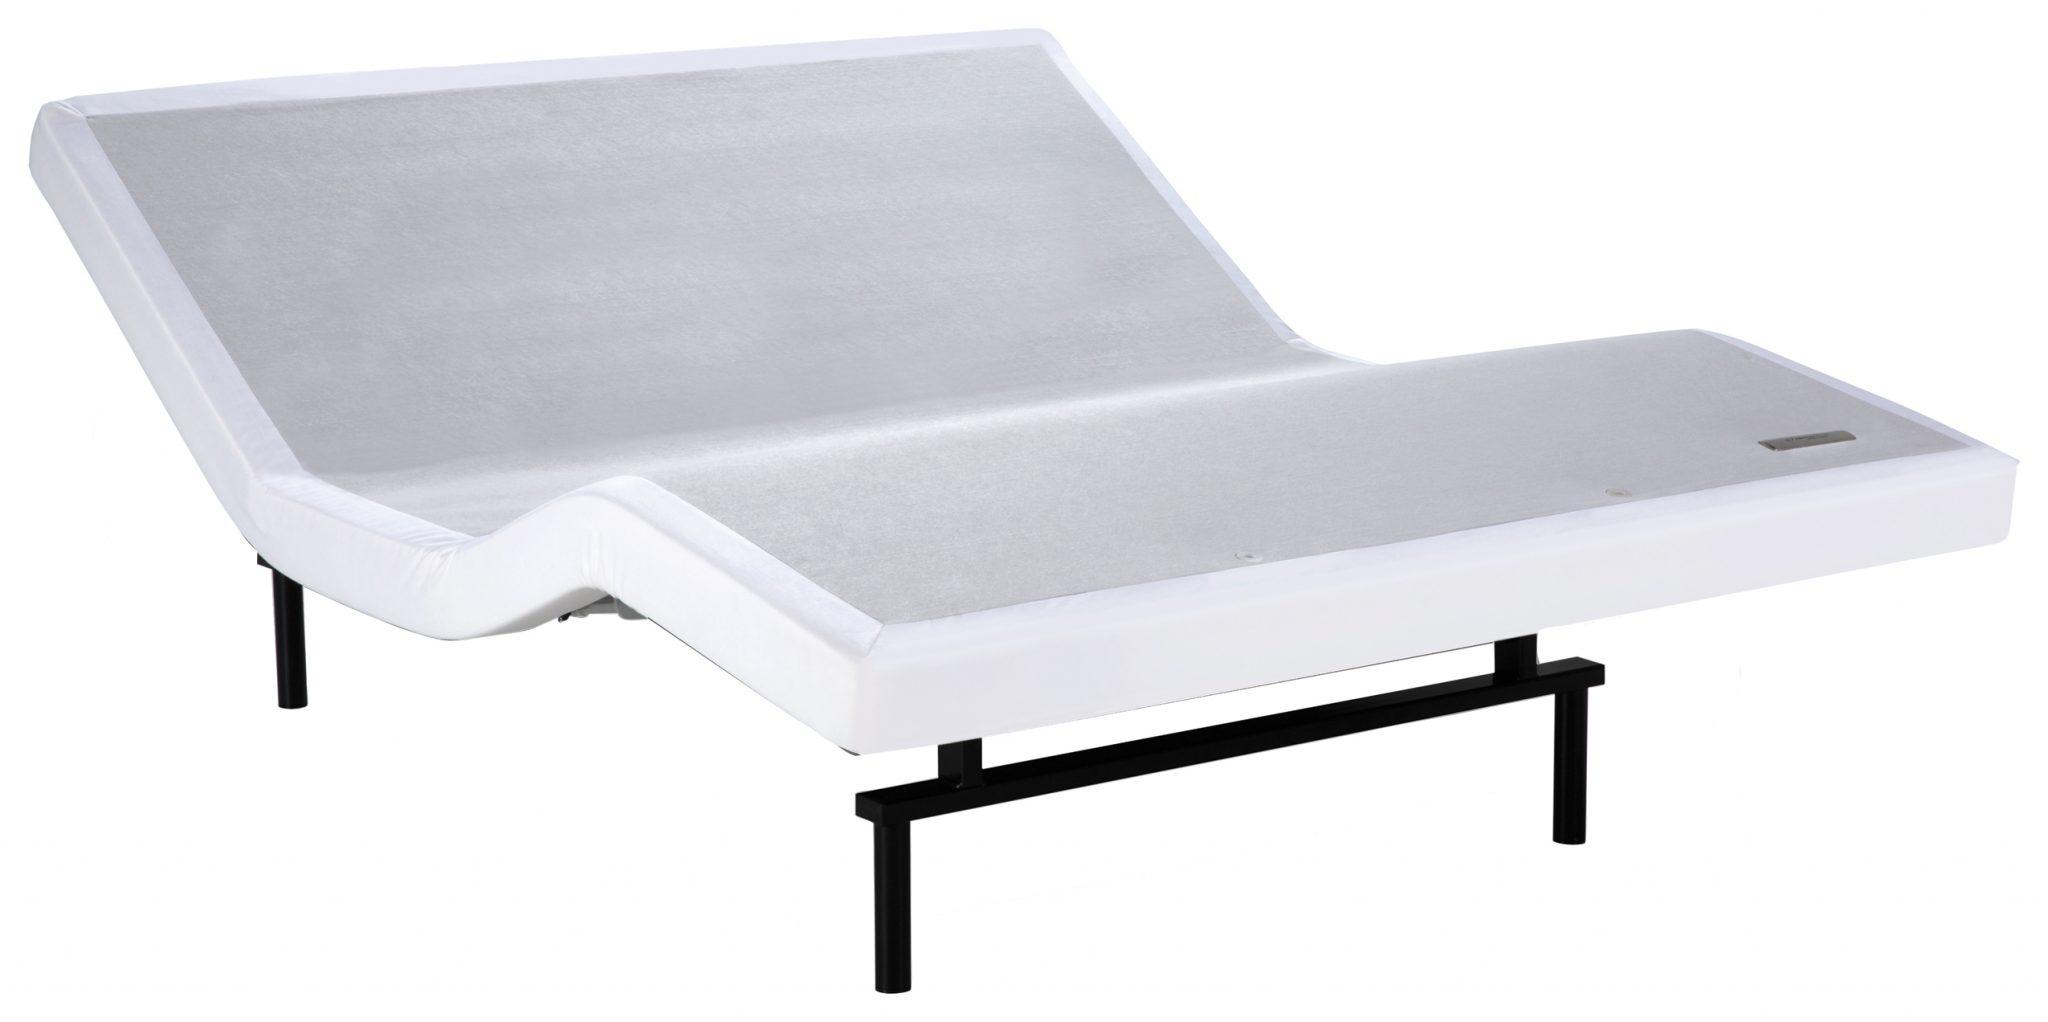 Serta Motion Essentials™ II Bedframe Best Mattress